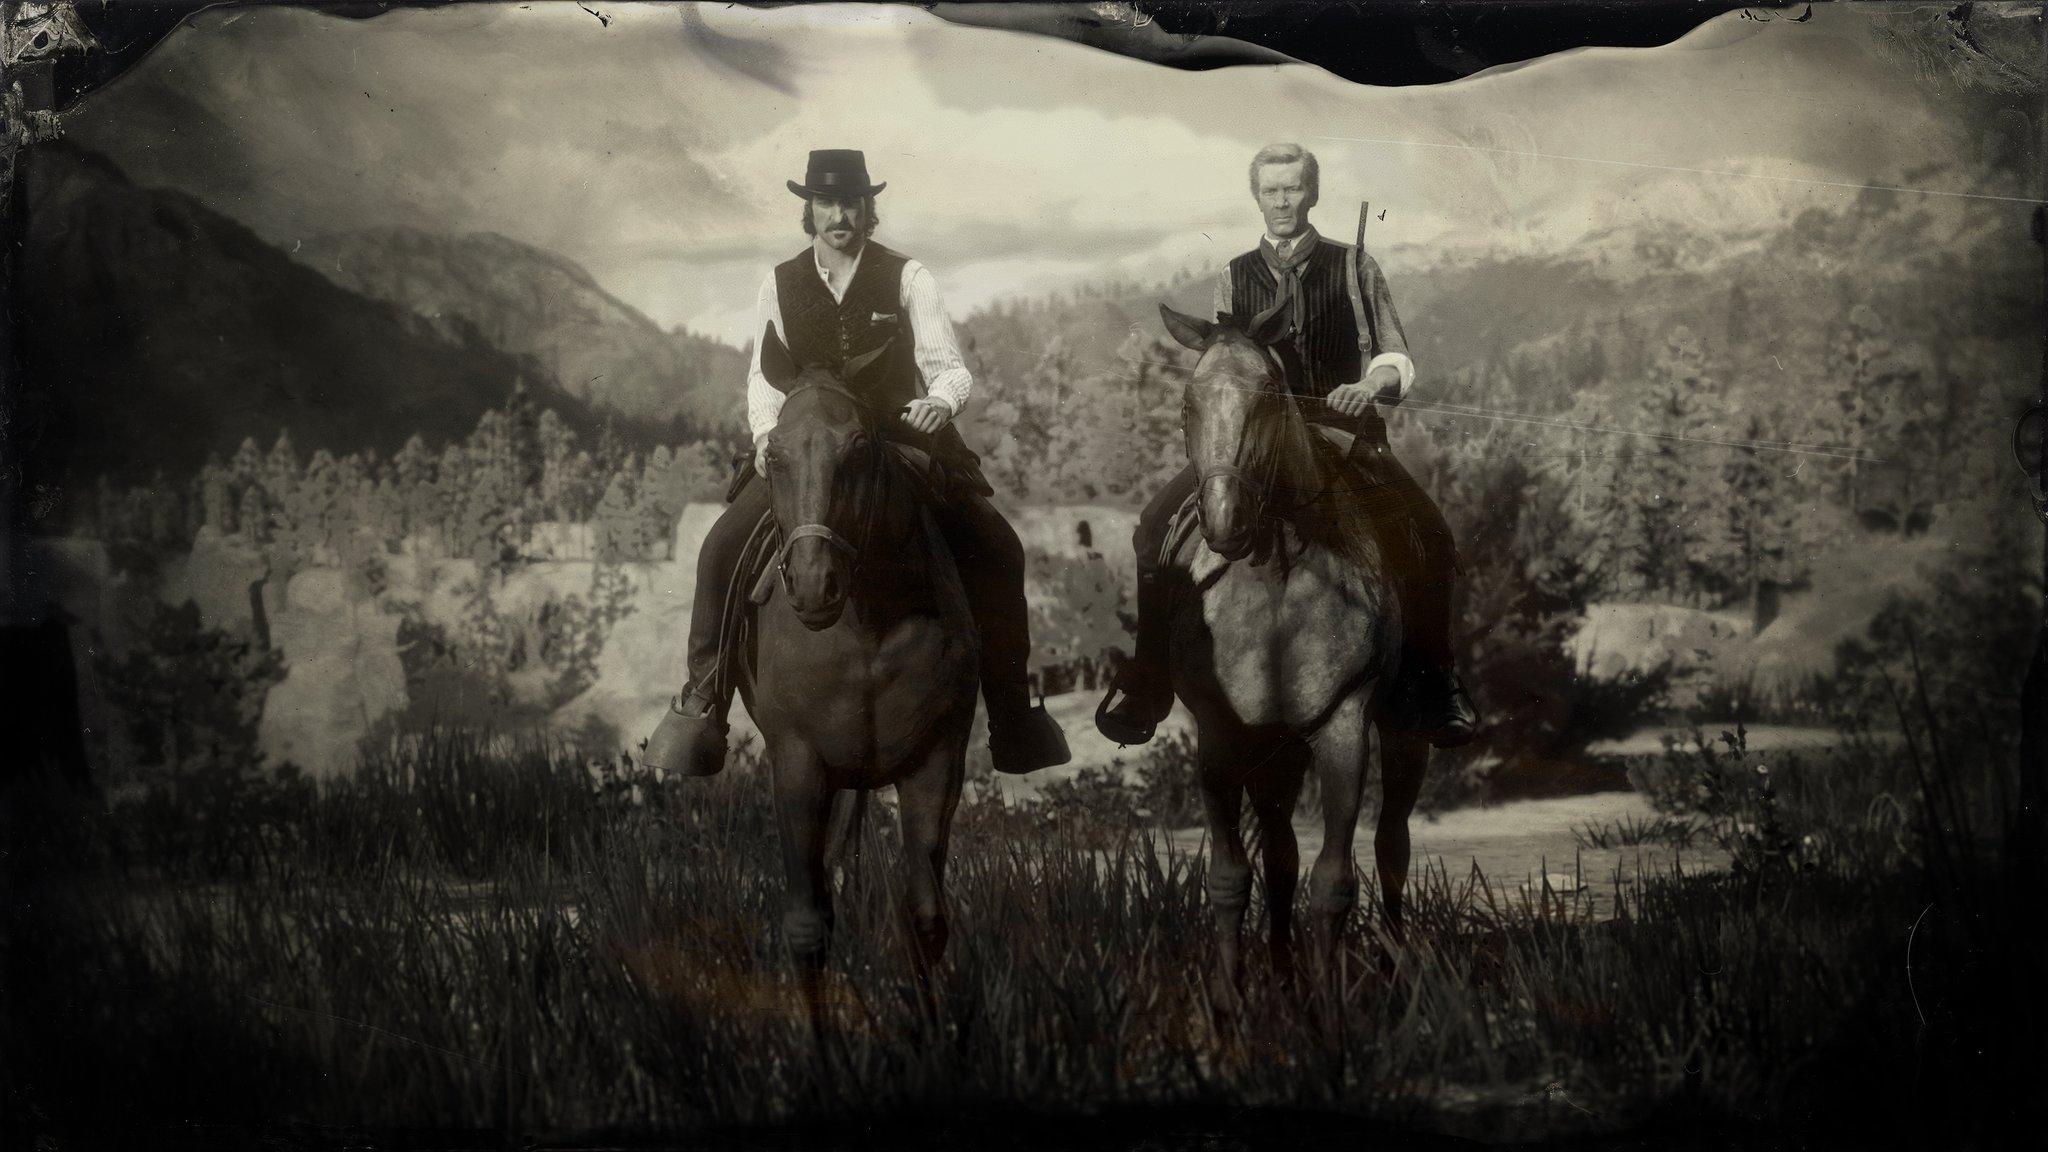 《荒野大镖客2》怀旧风格新截图曝光 澳门皇冠官网主角身世公开